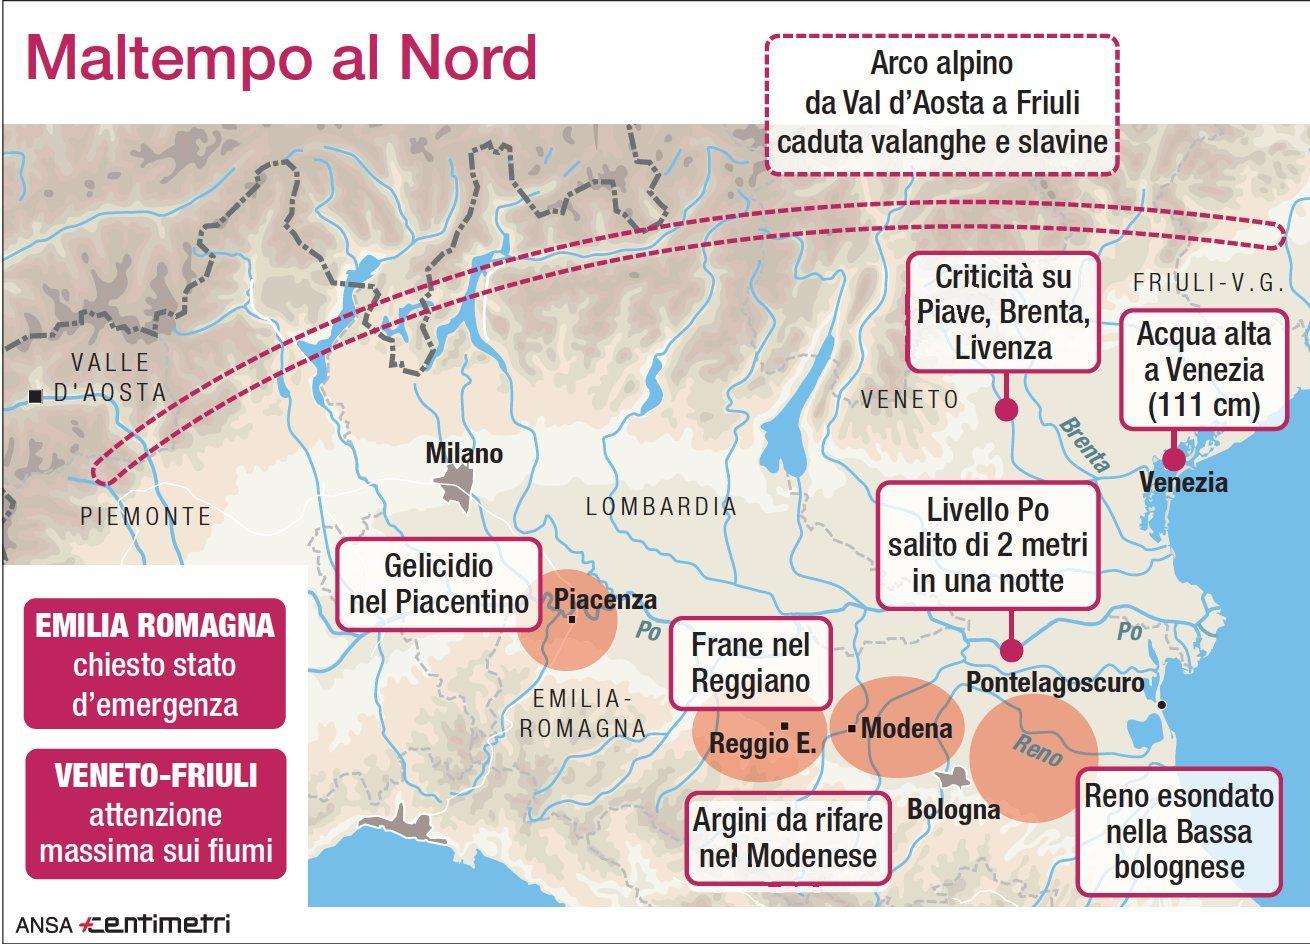 I danni causati dal maltempo nel Nord Italia